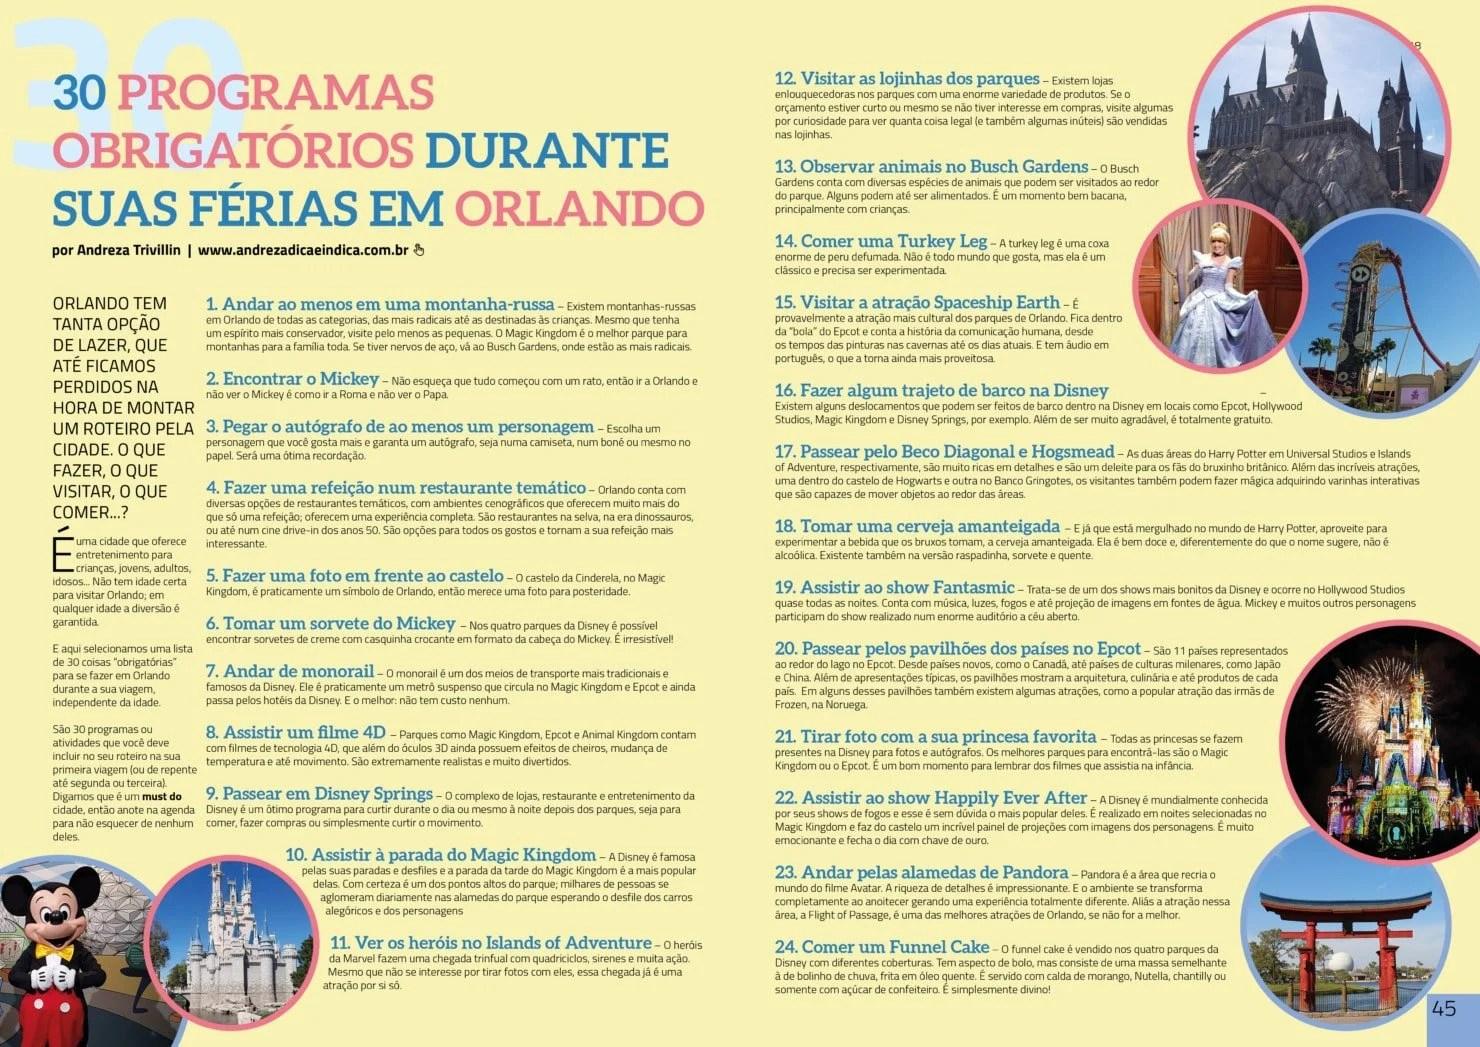 30 programas obrigatórios durante as férias em Orlando   Andreza ... 48d8367fdd